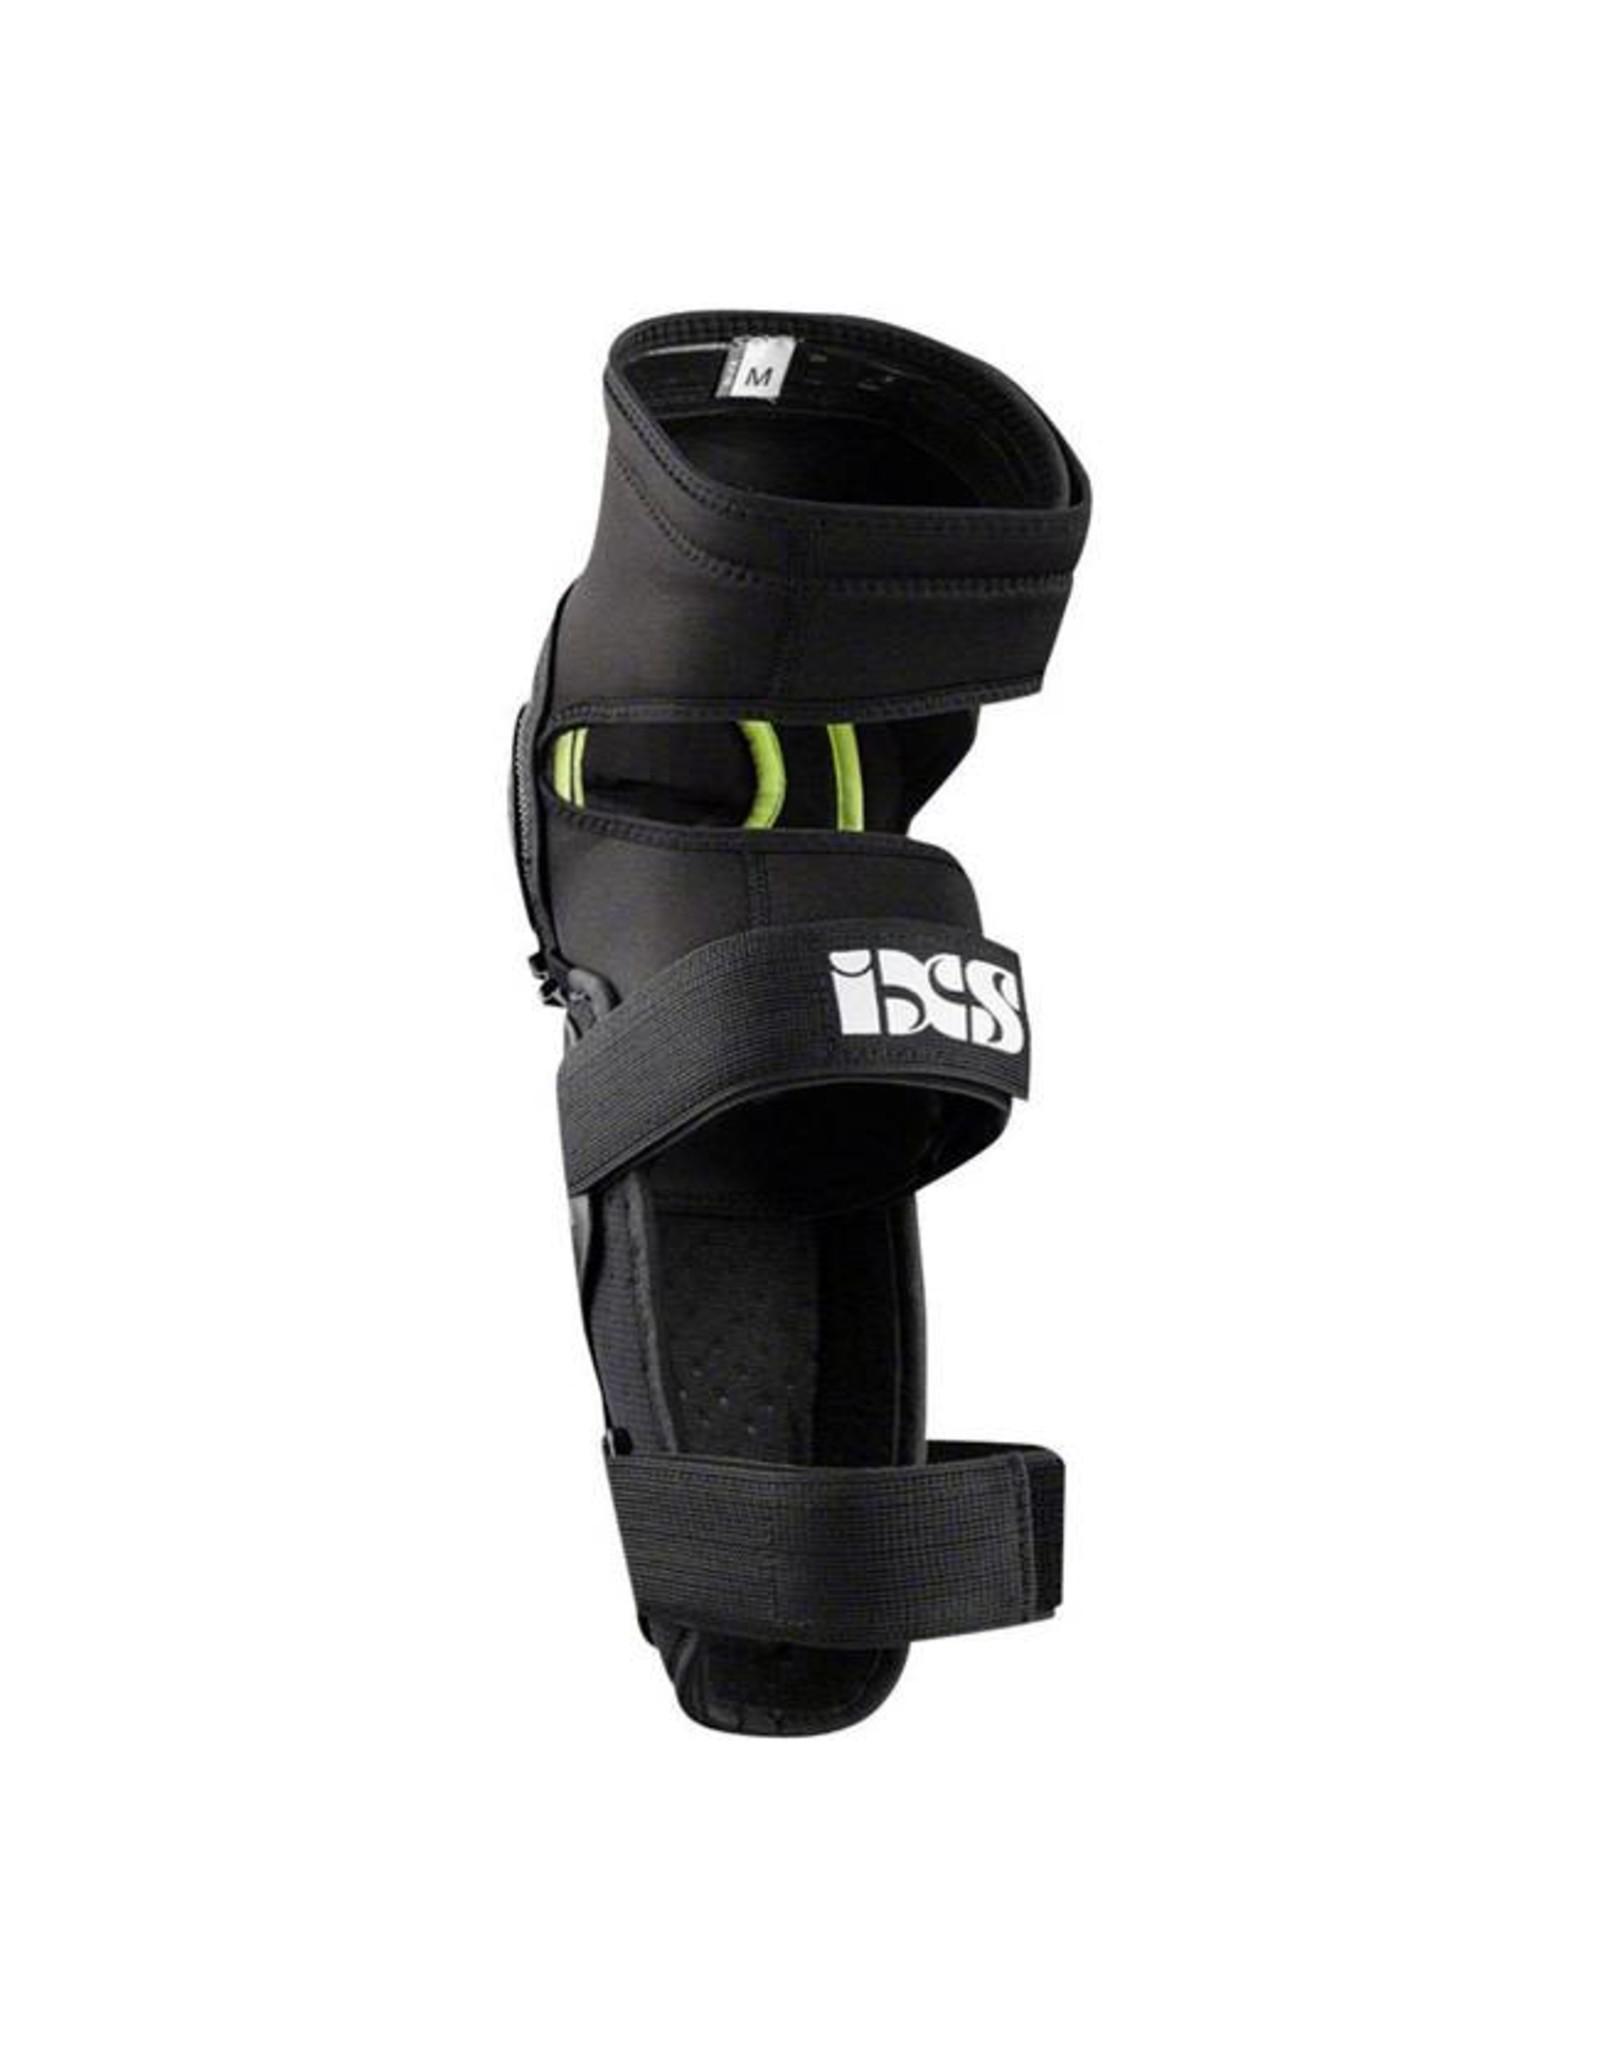 IXS iXS Mallet Knee/Shin Guard: Black, XL